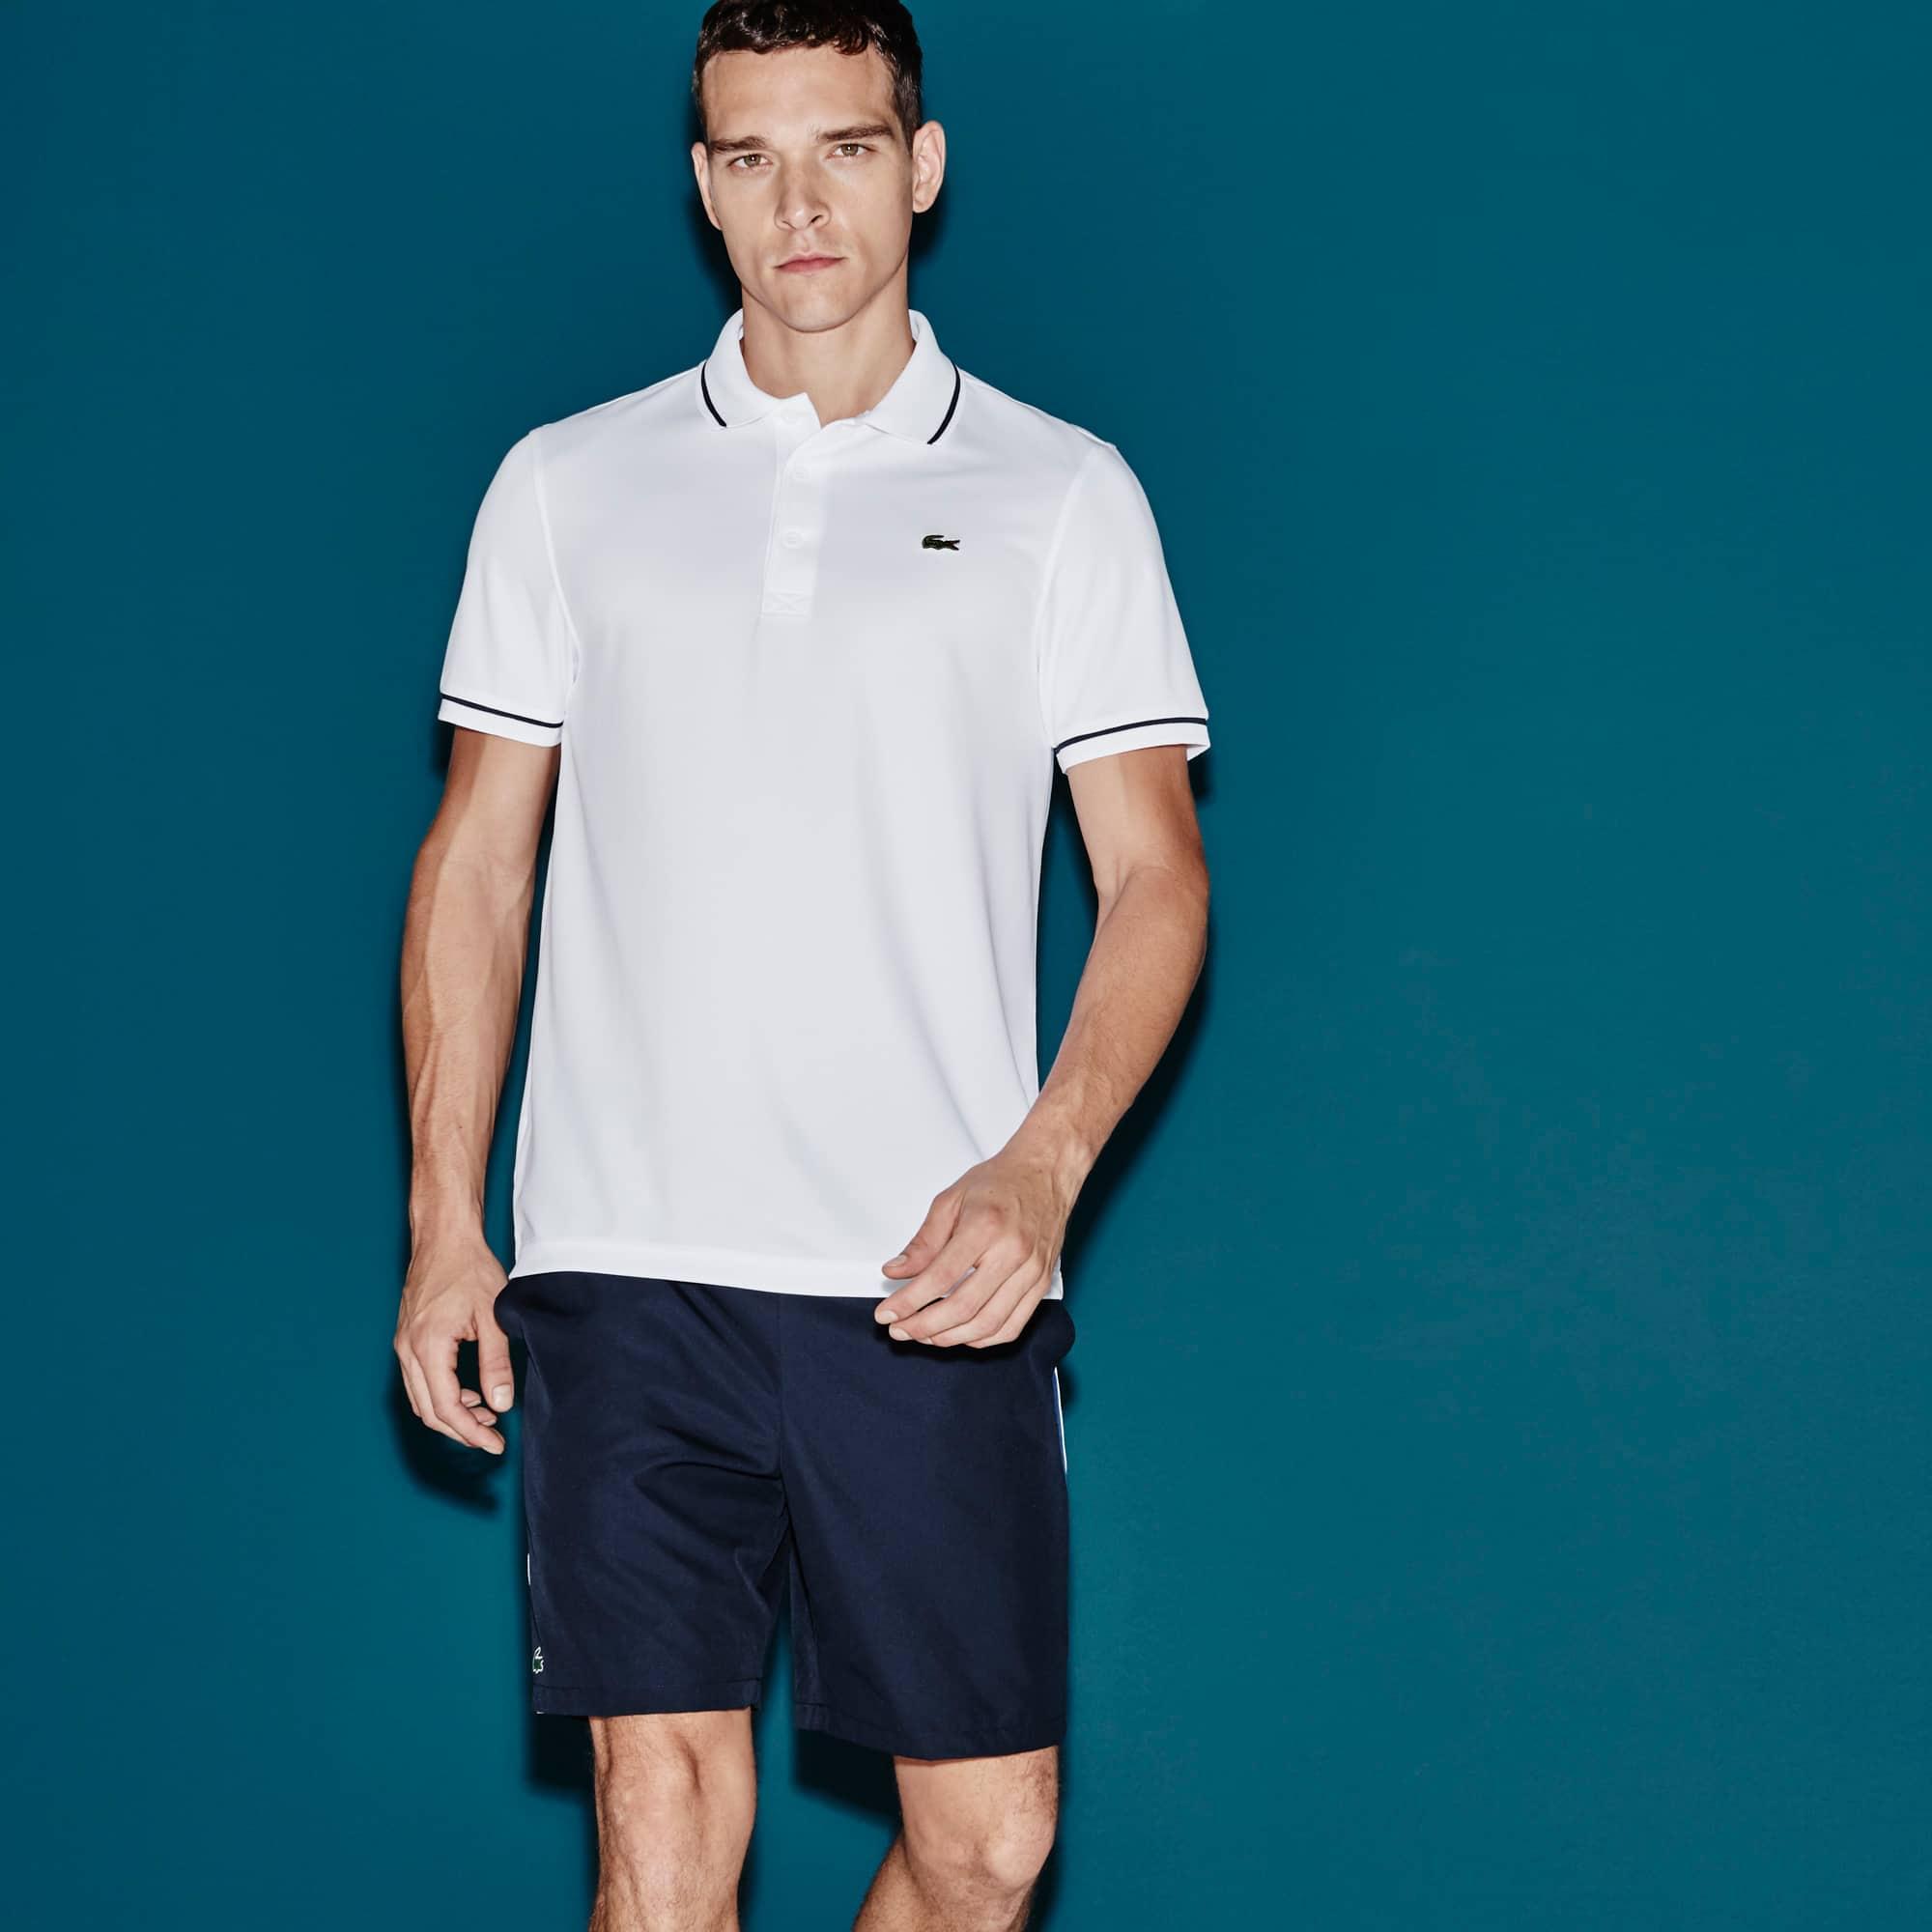 Polo Tennis Lacoste SPORT in piqué tecnico tinta unita con bordino